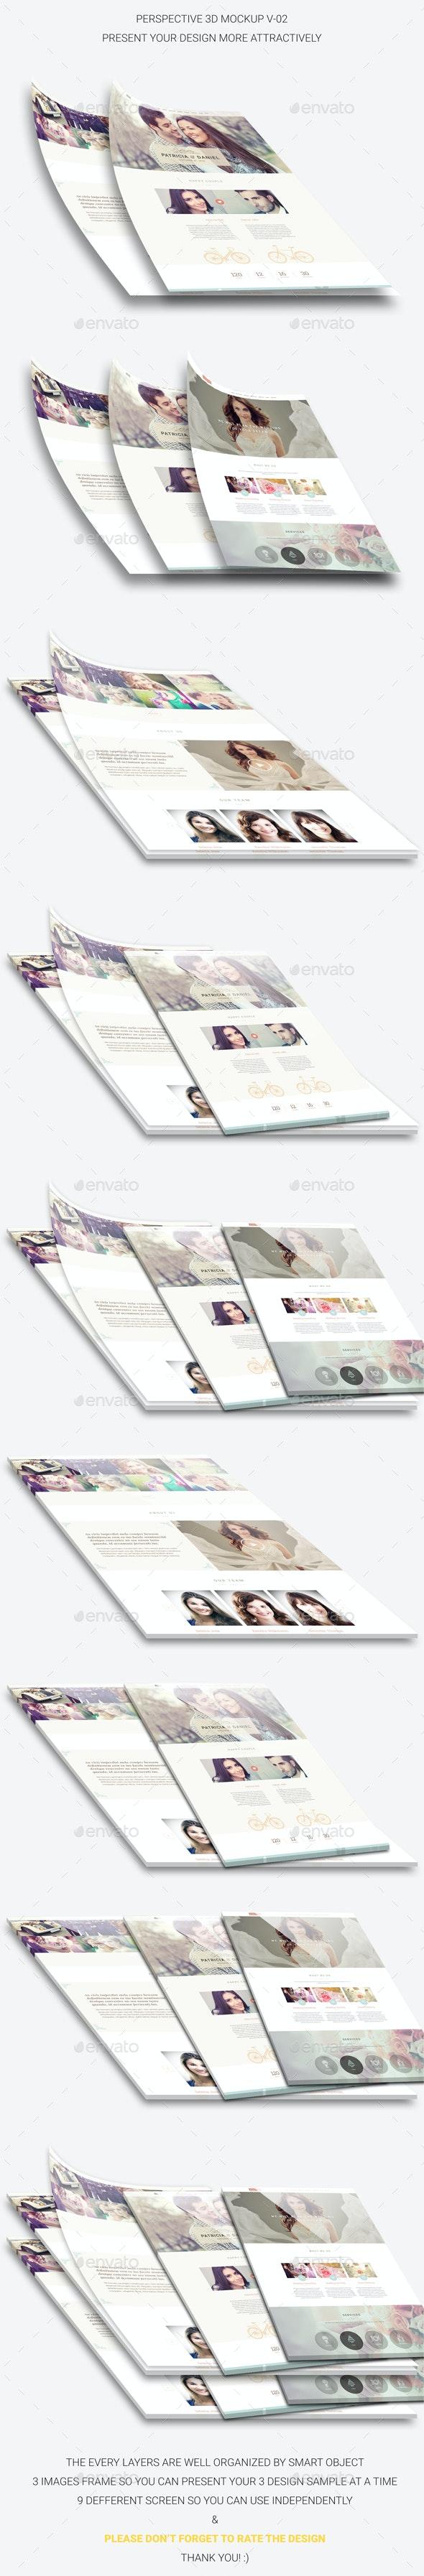 Perspective 3D Web Mockup V.02 - Website Displays